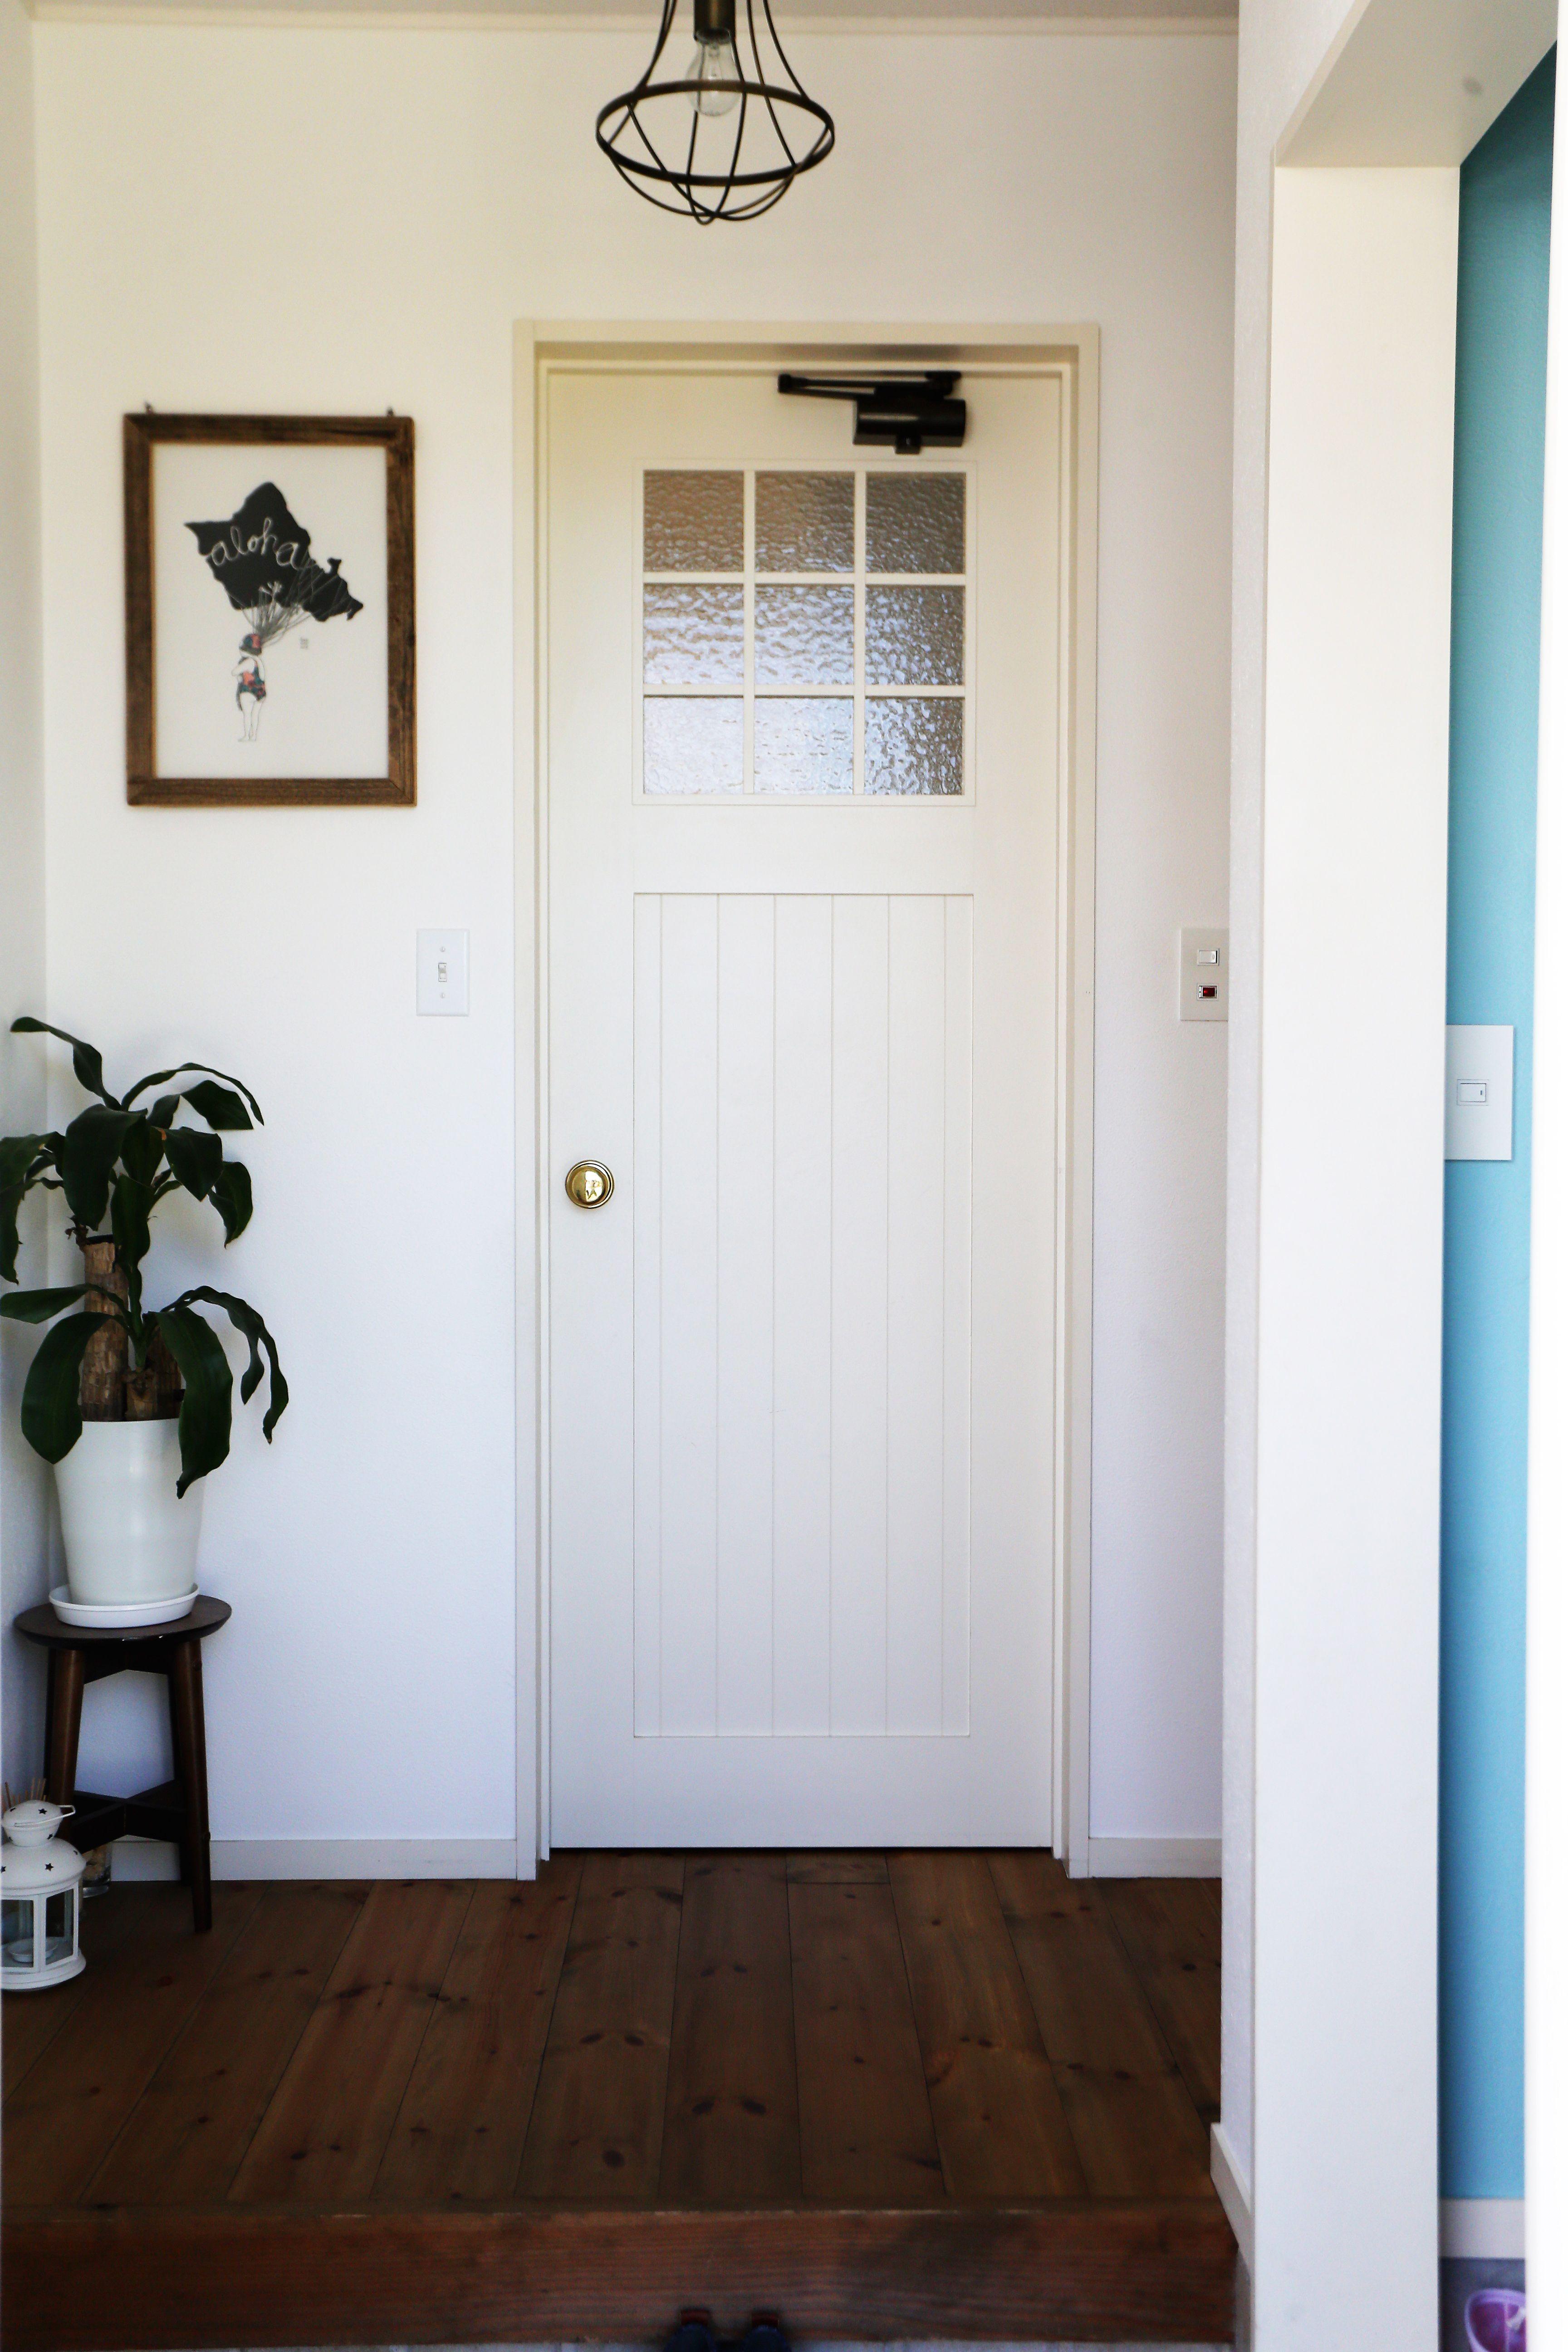 赤いギャッベとブルーのドアの北欧スタイルの家 ゼストの写真集 倉敷市